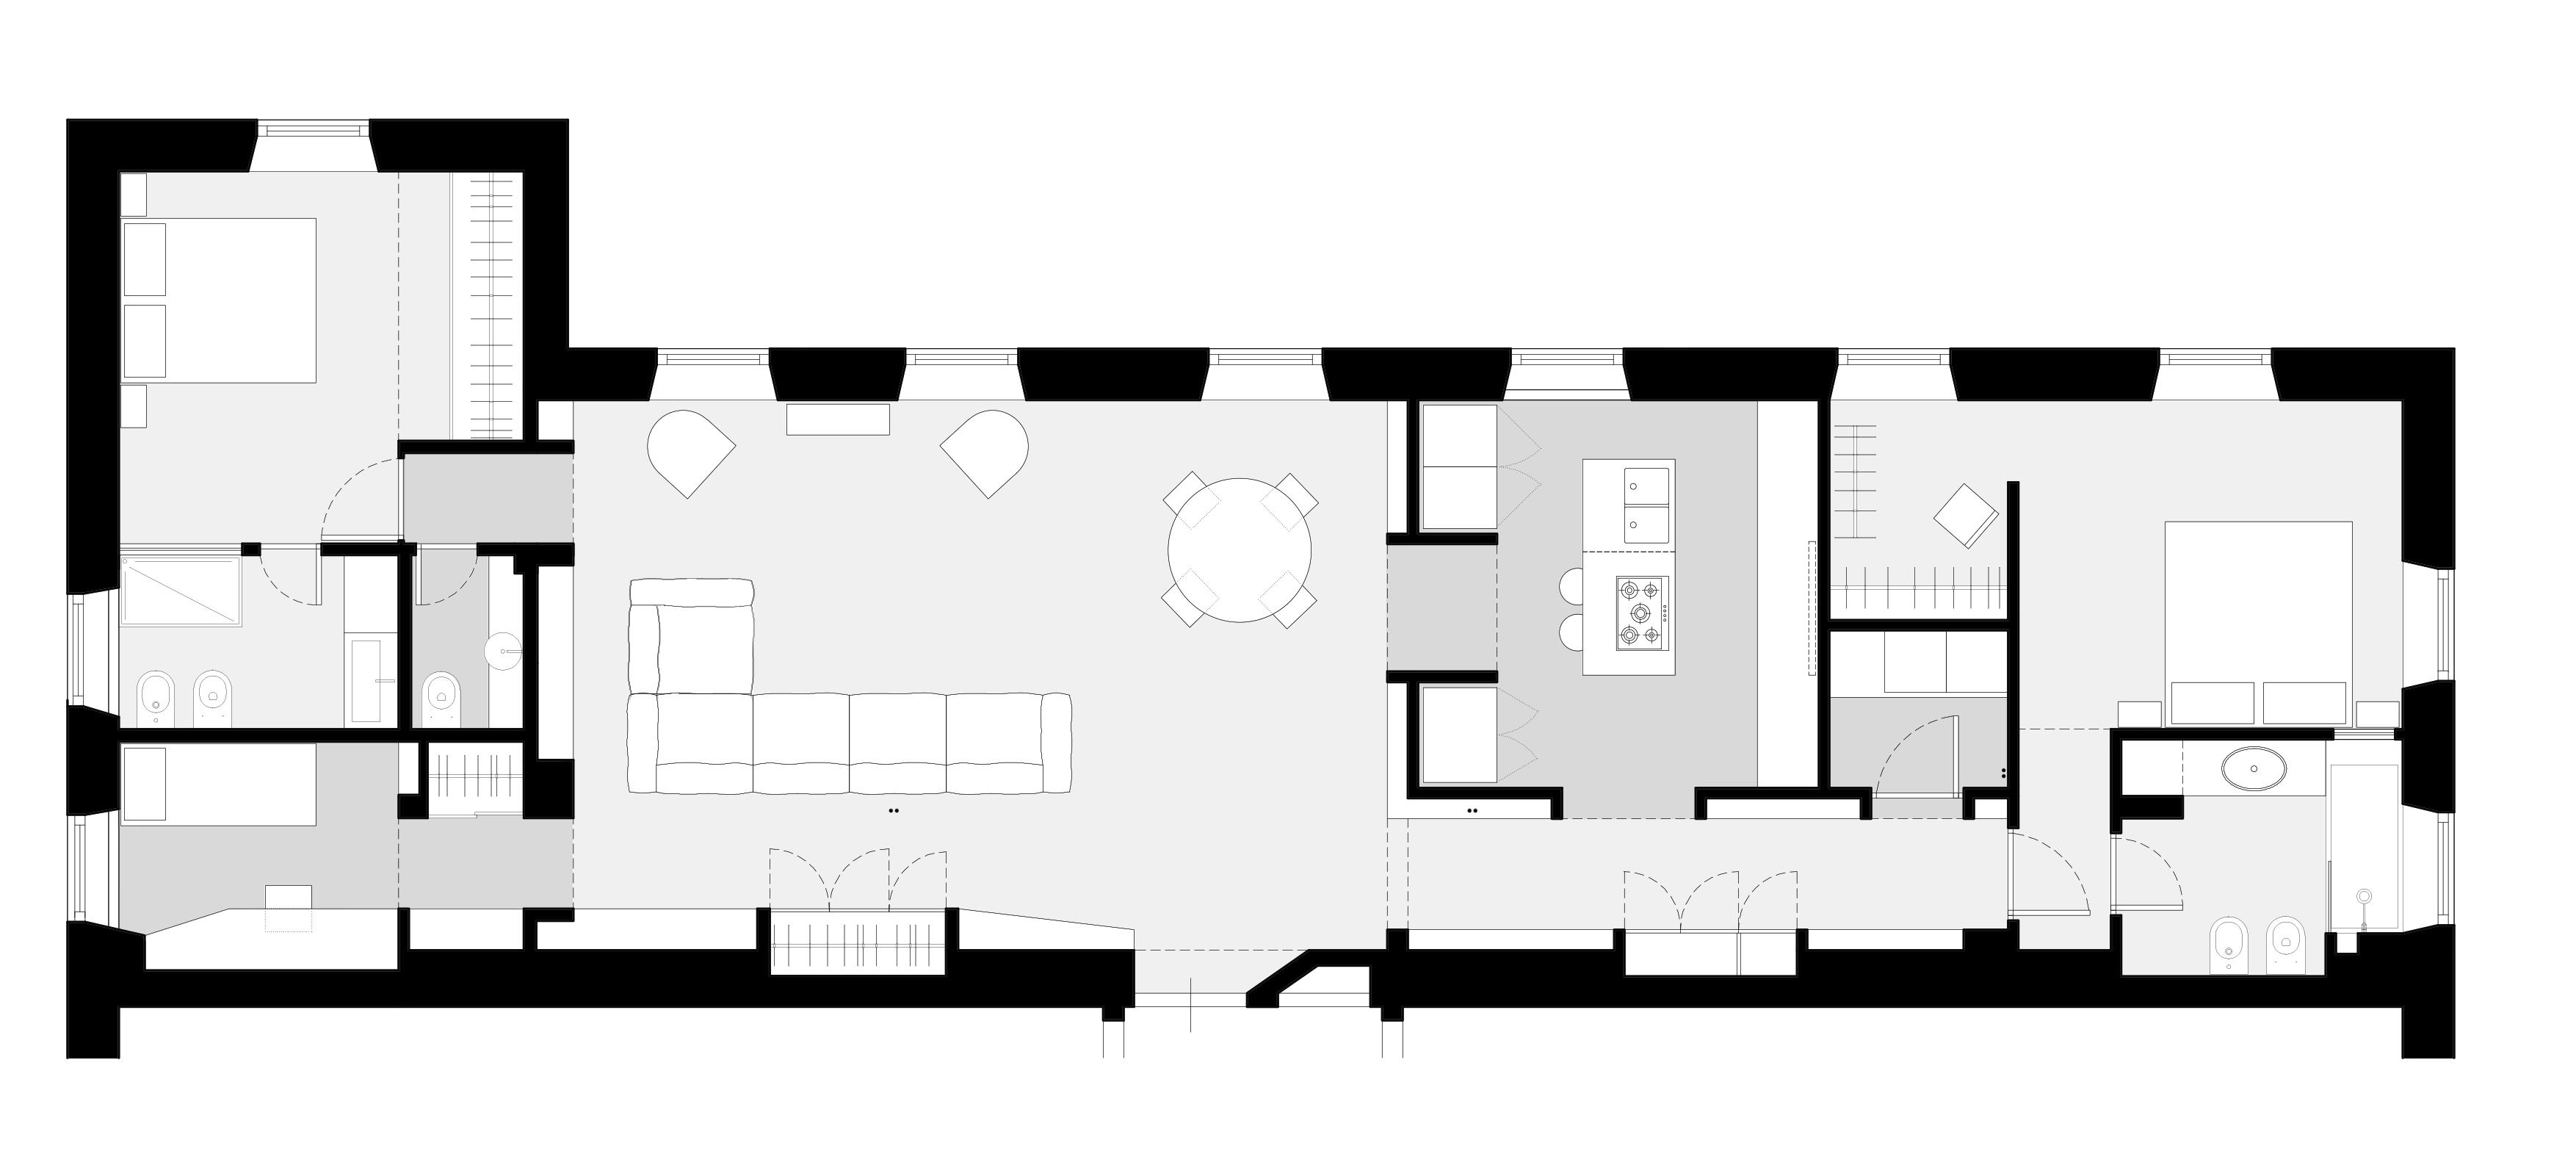 /Users/GiorgioMarchese/Desktop/Puntozero Architetti_SITO/GRE2_pr